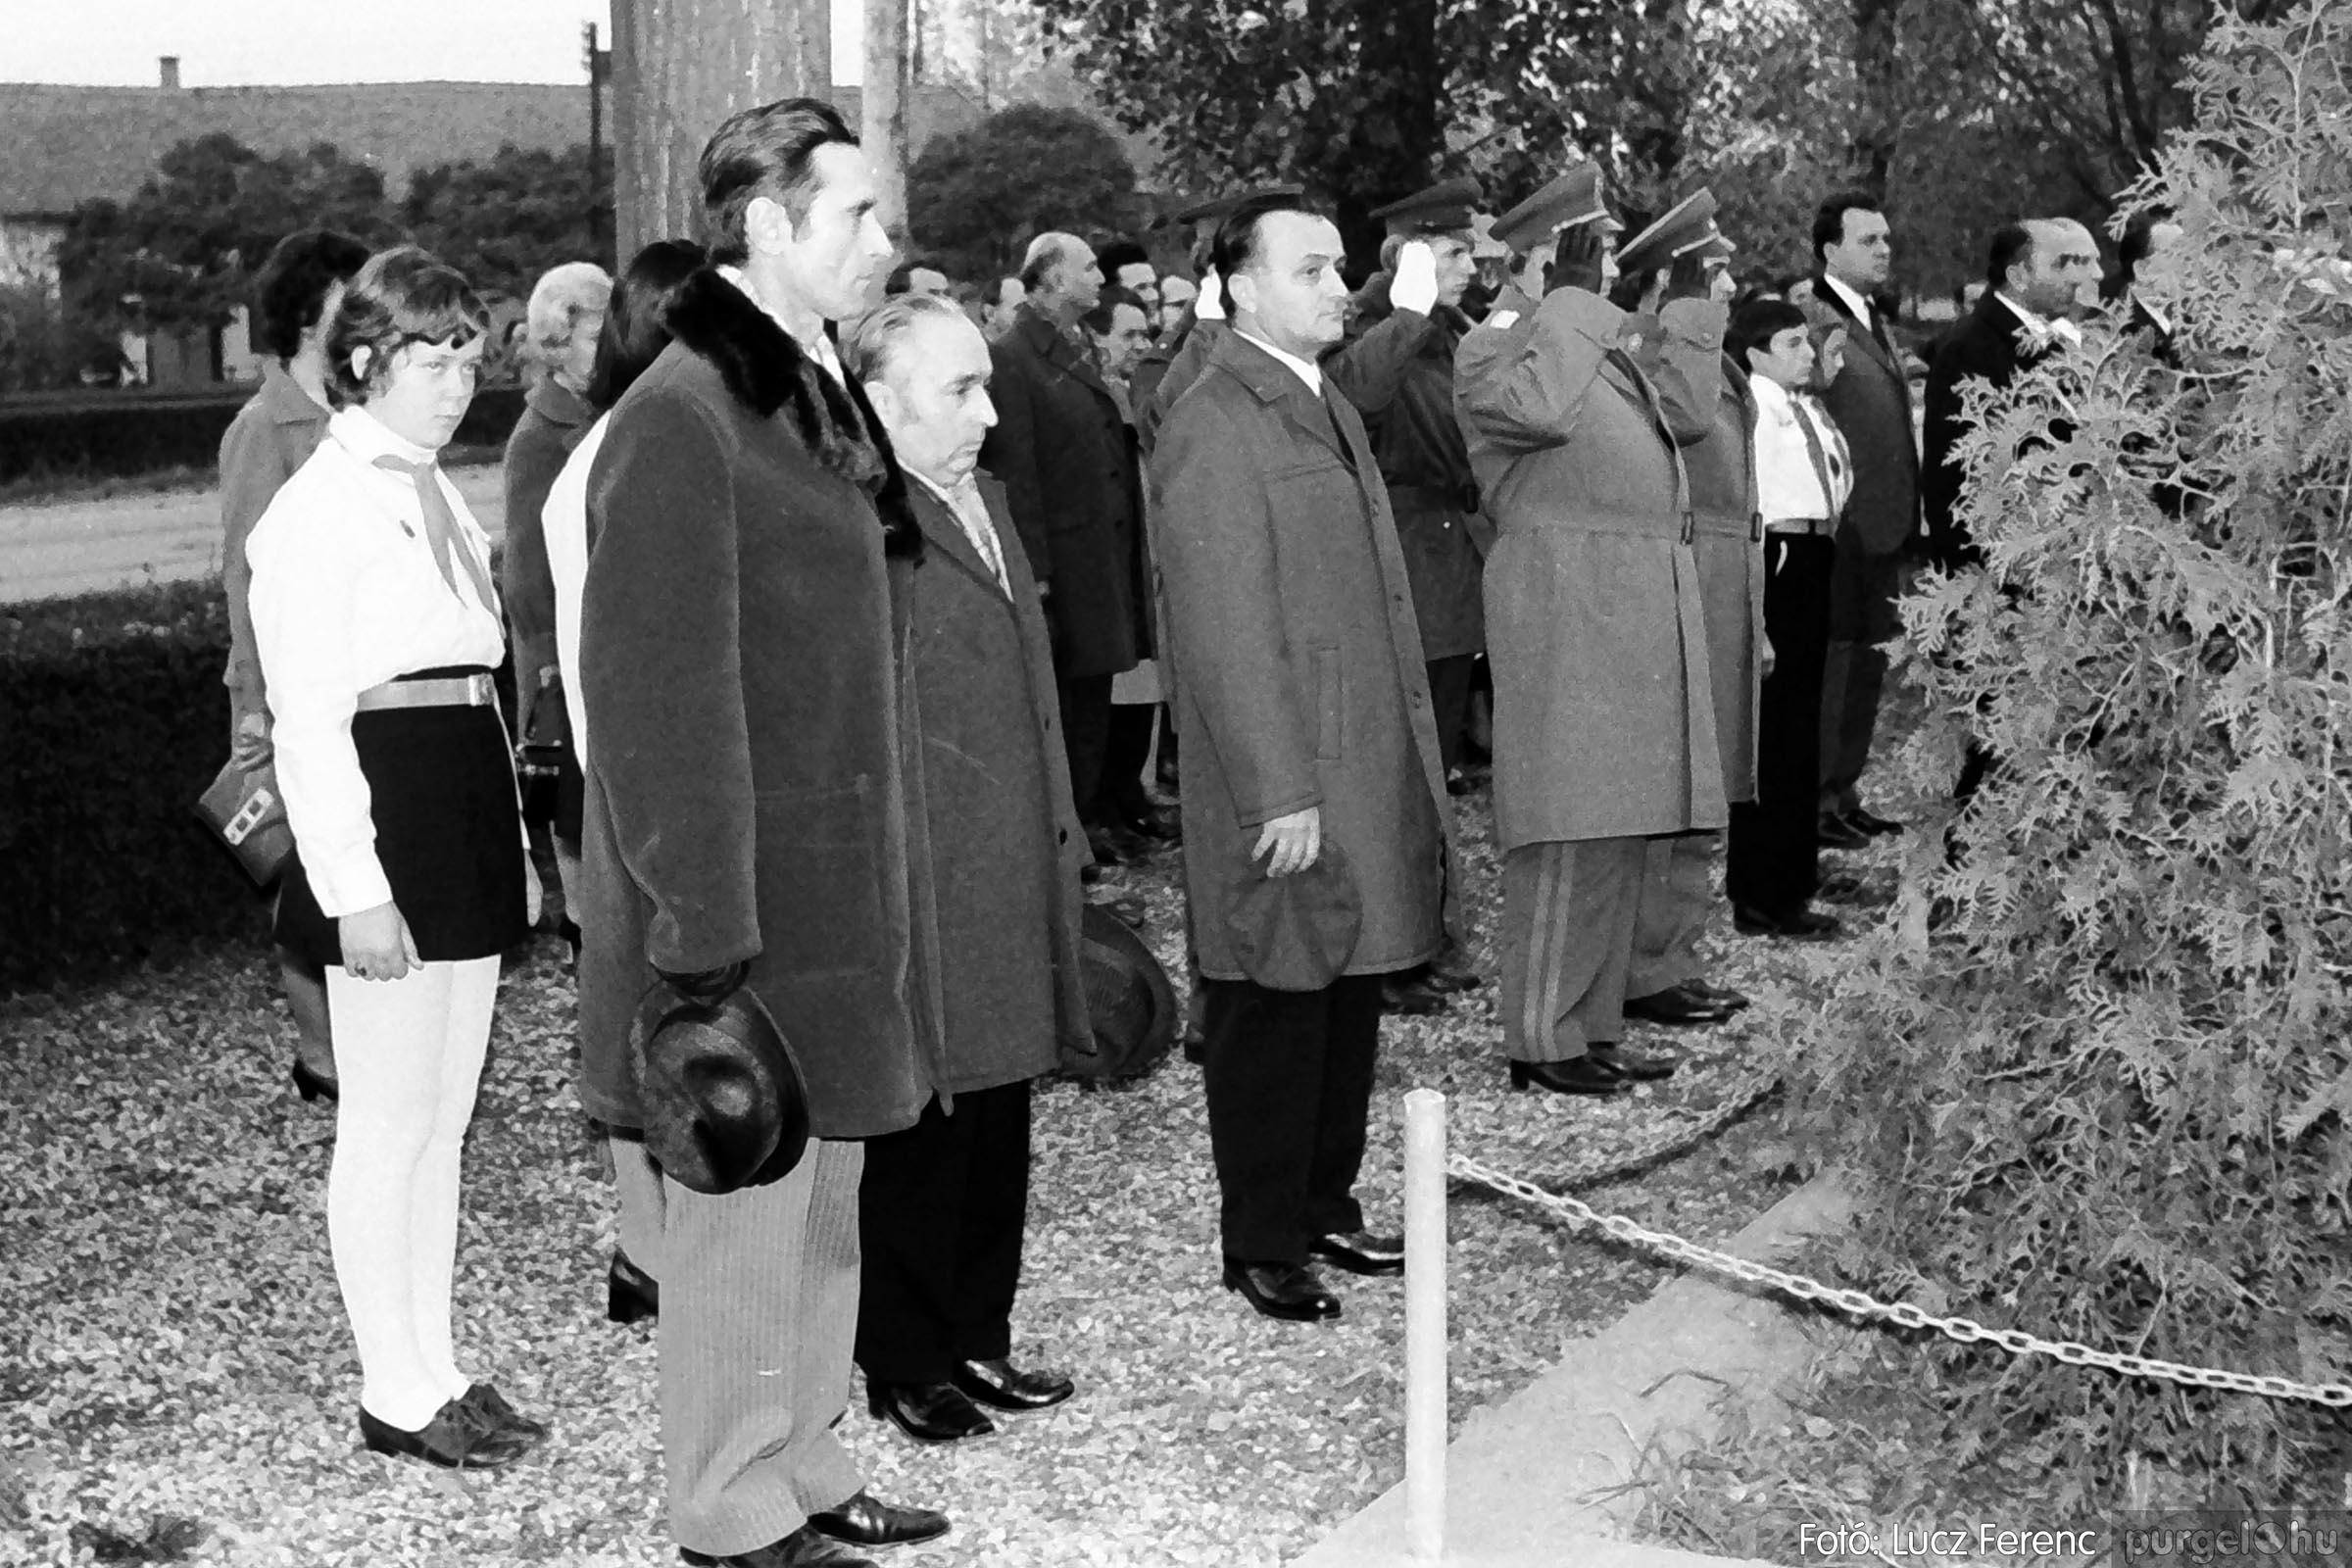 002 1970-es évek - November 7-i ünnepség 013 - Fotó: Lucz Ferenc - IMG01097q.jpg